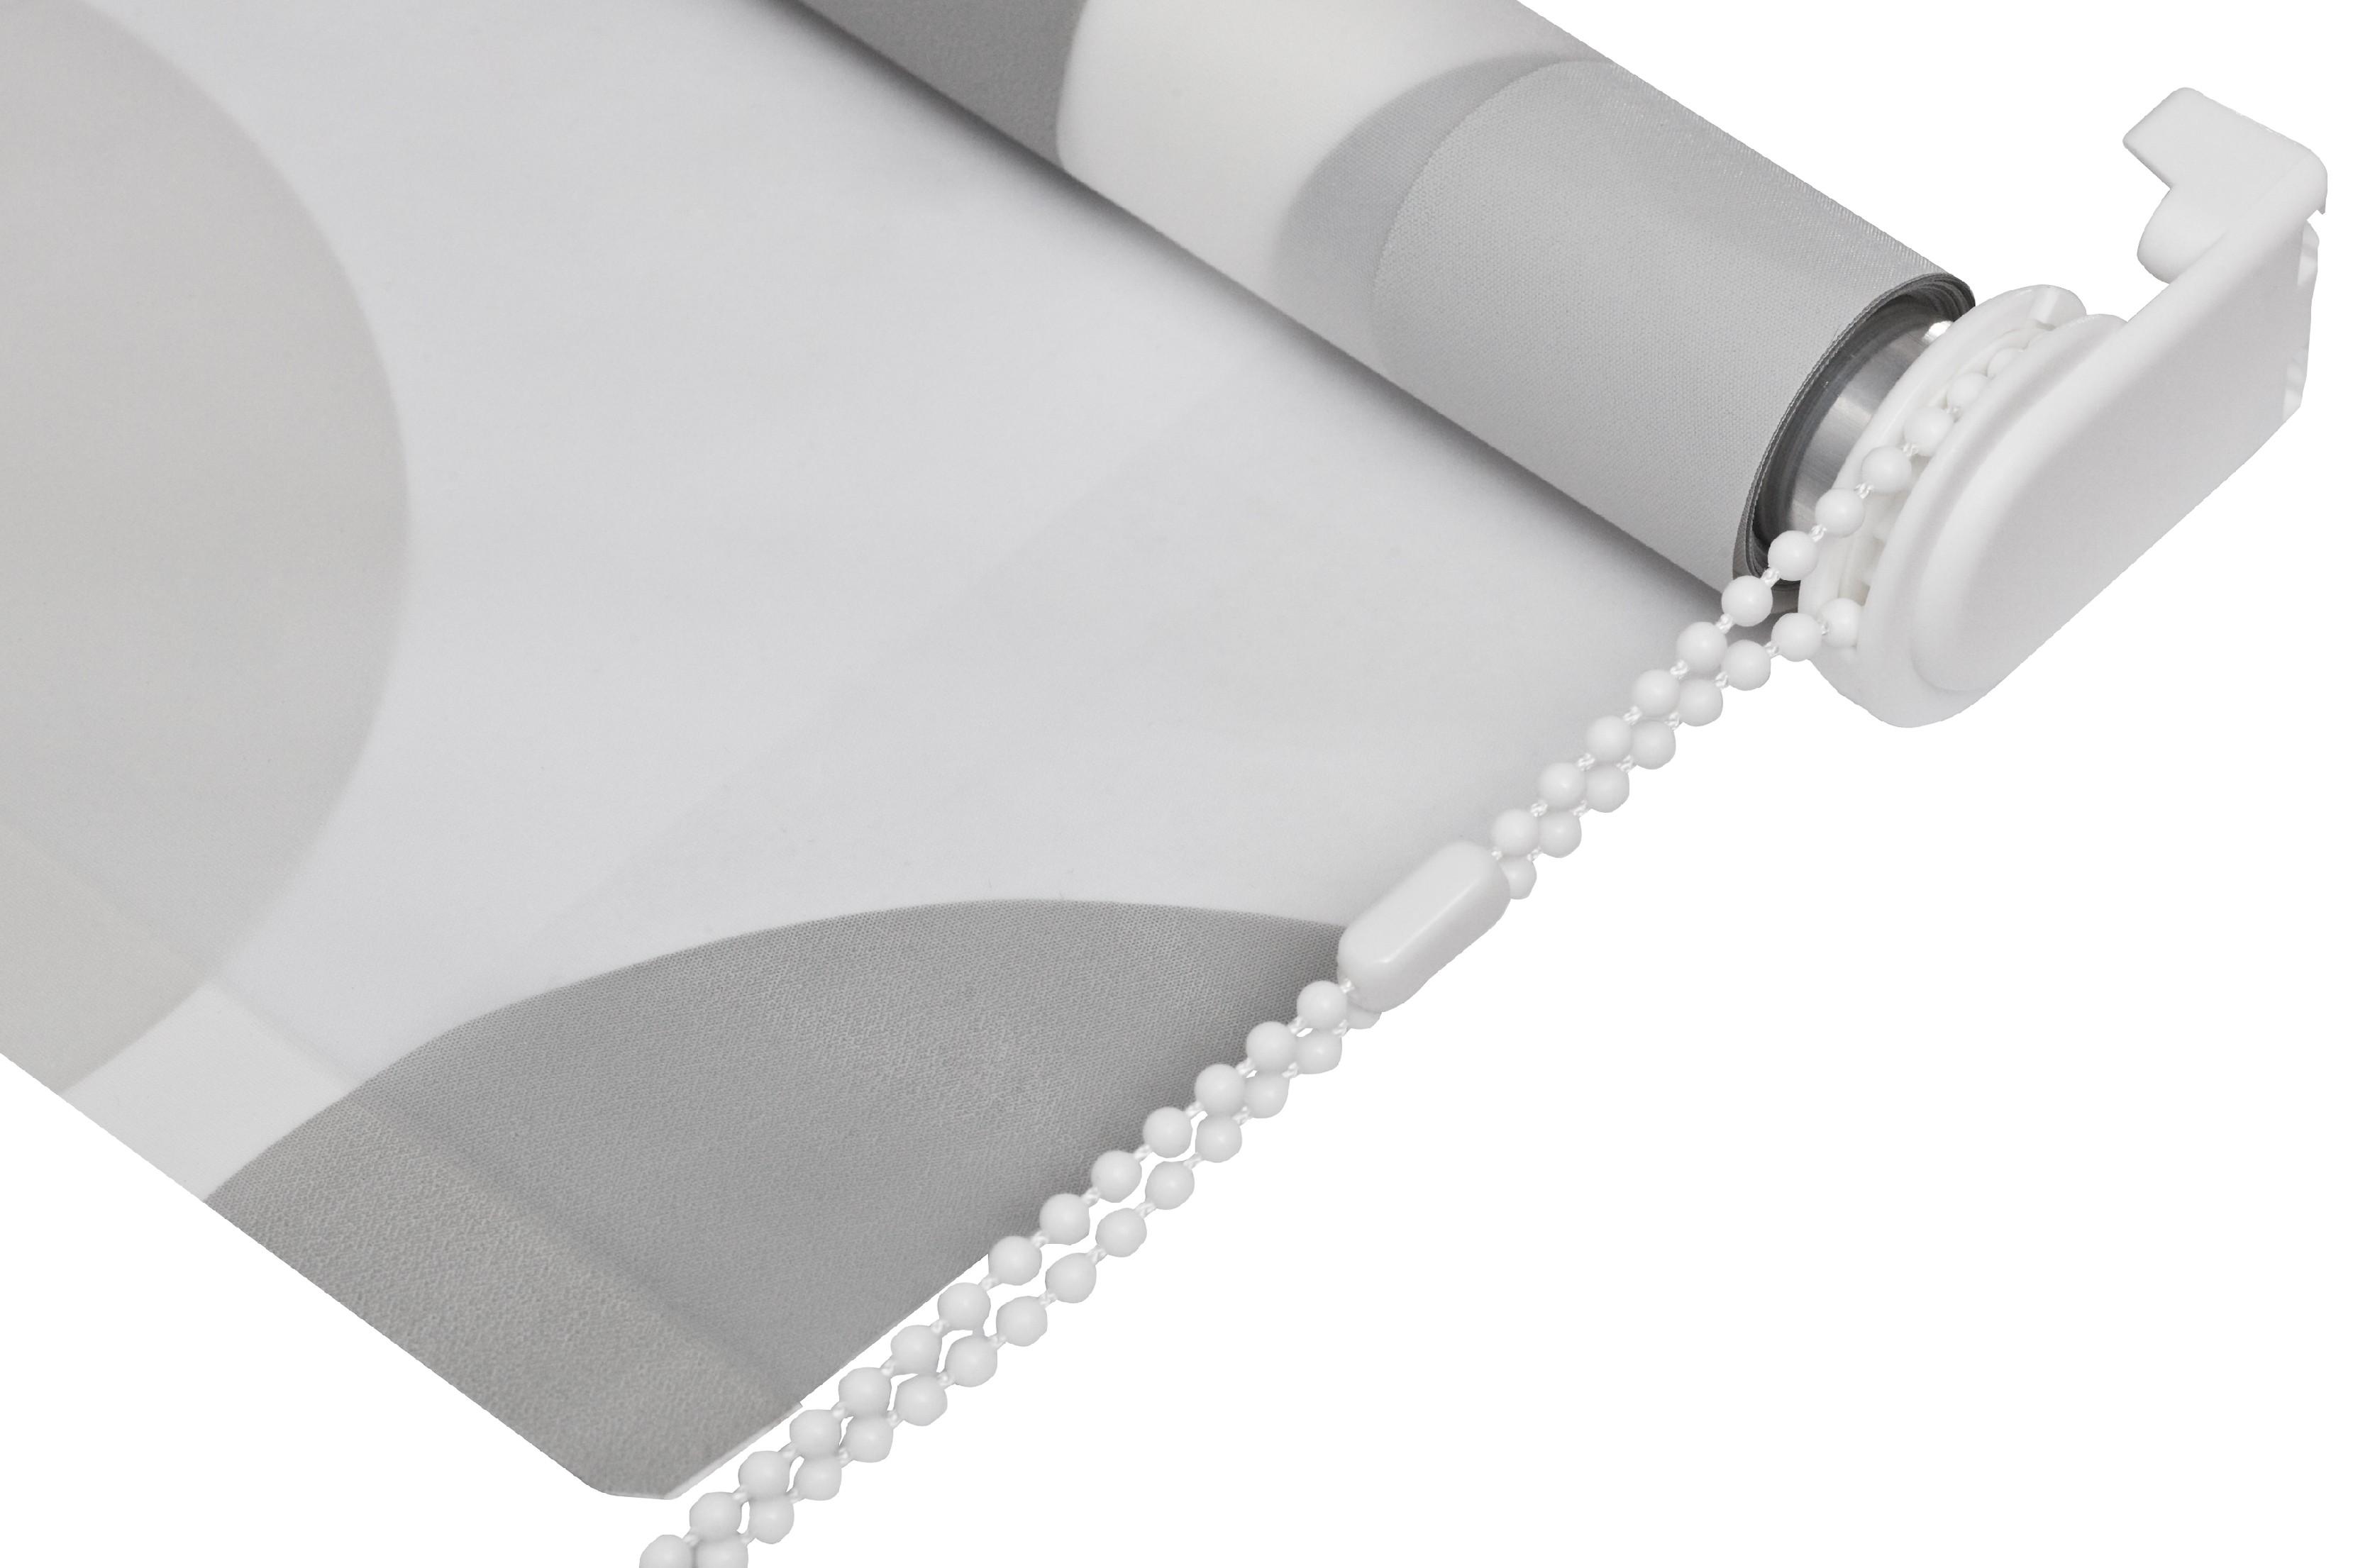 ROLETA SPRCHOVÁ OCEANIC BASIC šířka rolety: 120 cm